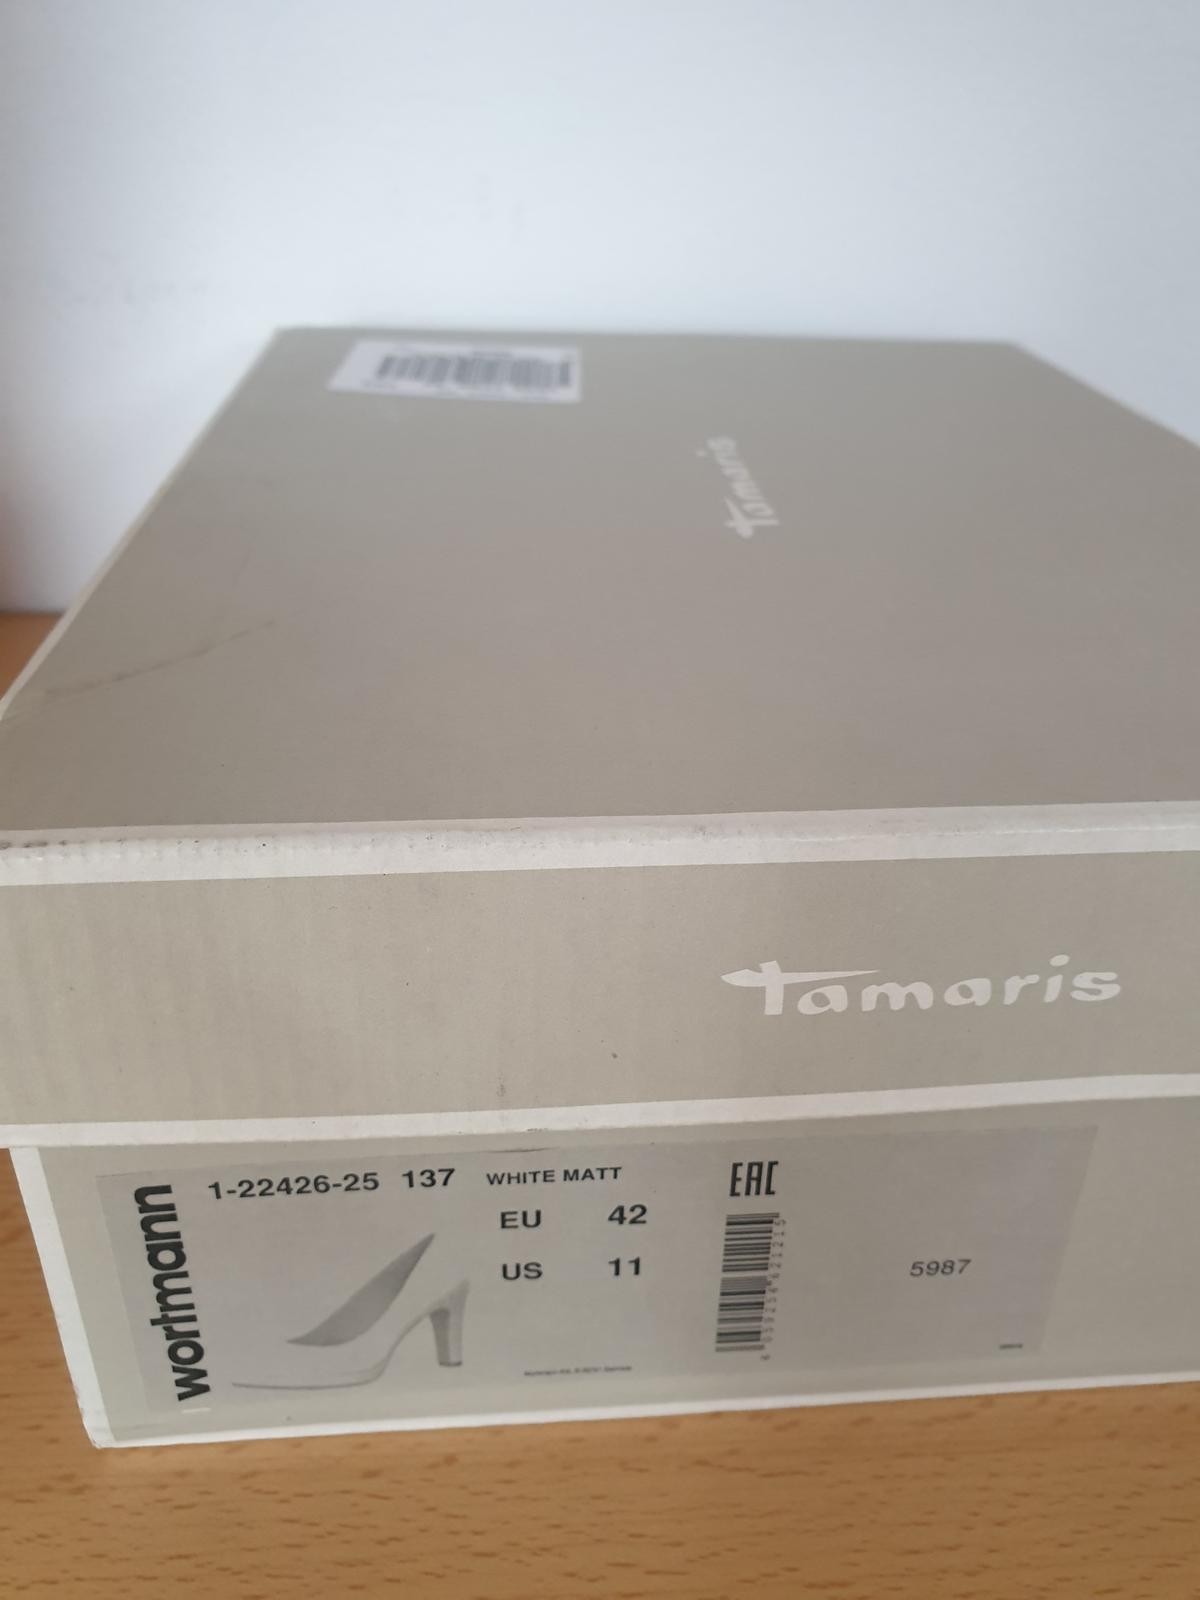 svatební bílé lodičky 42 tamaris - Obrázek č. 1